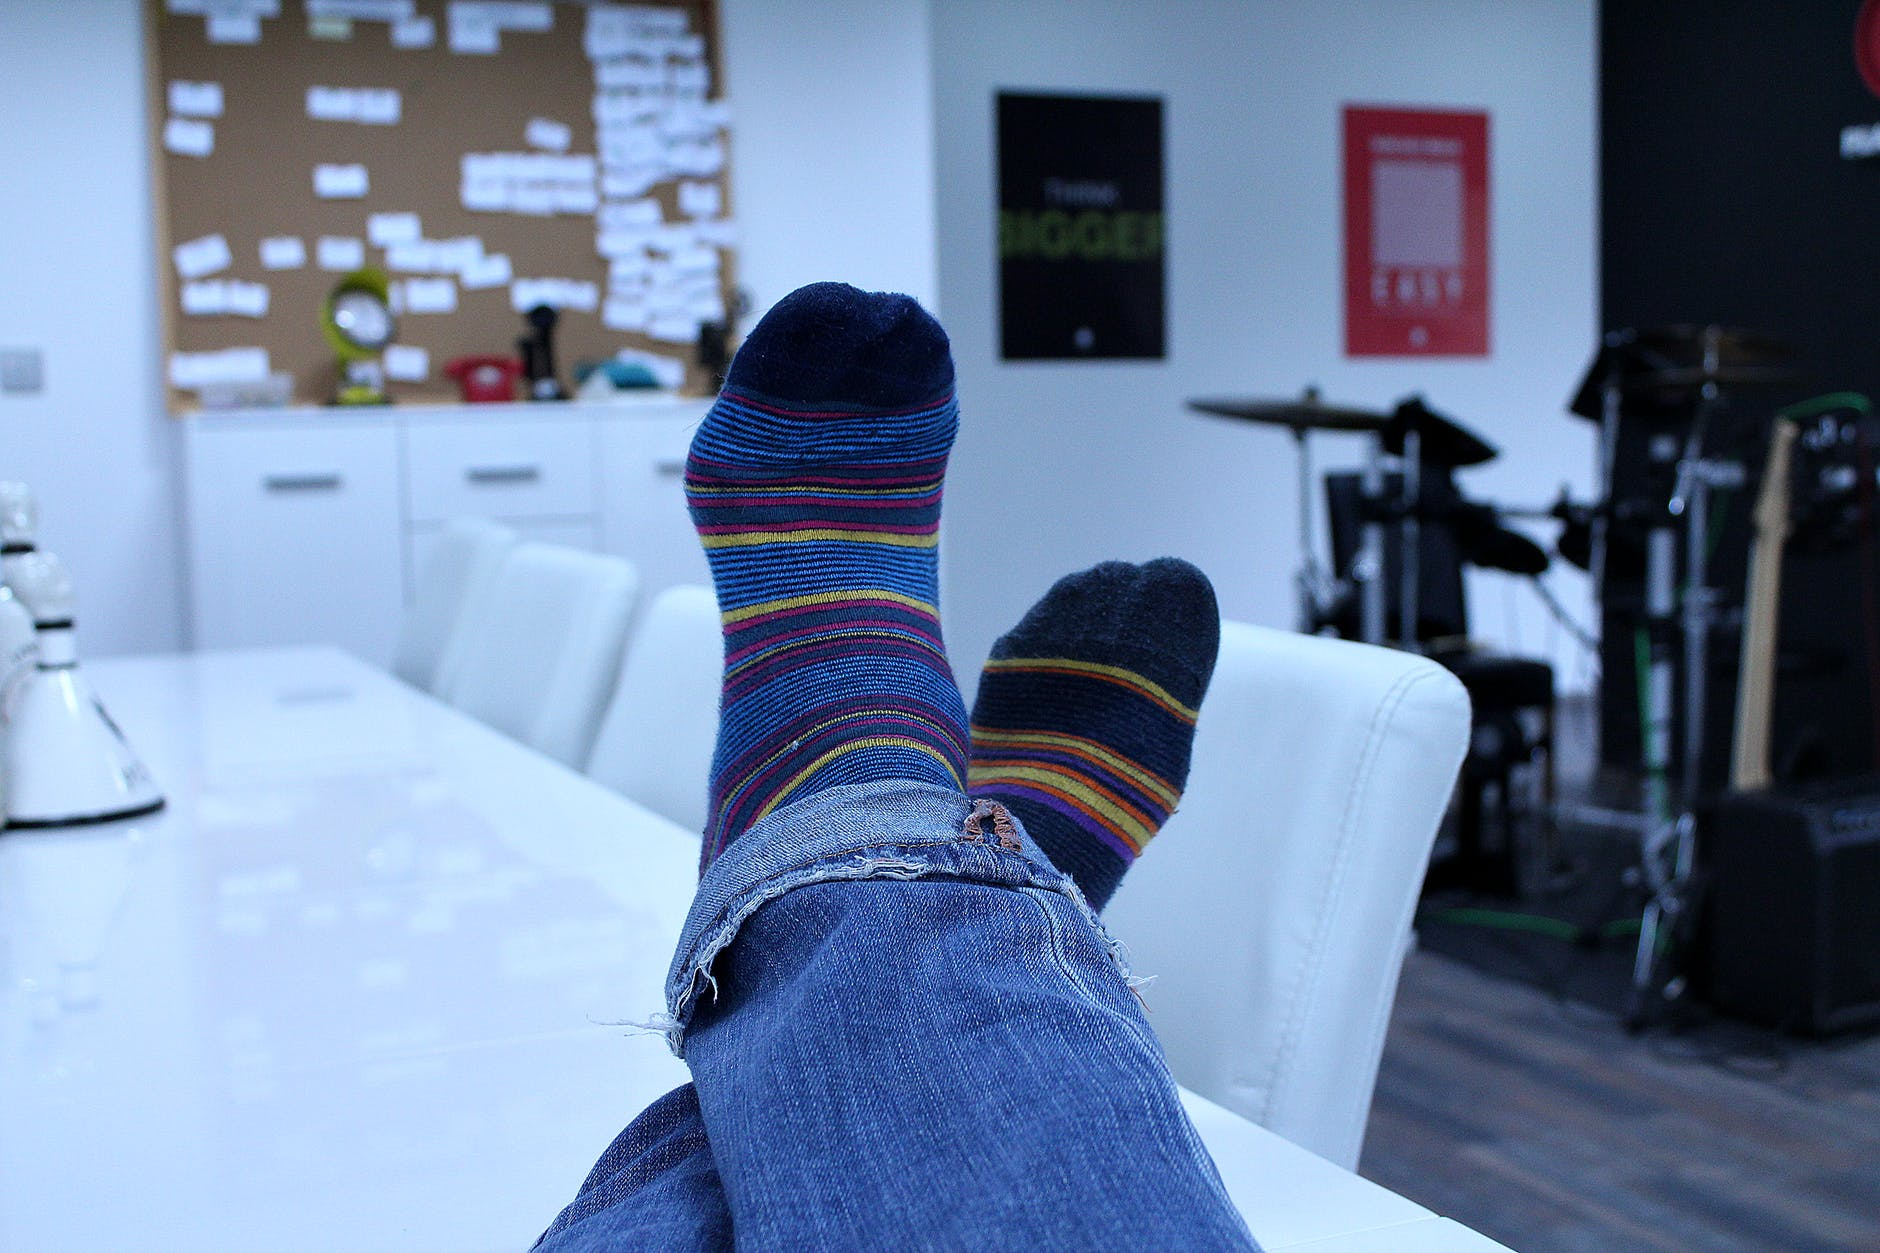 למה חשוב להקפיד להחליף גרביים